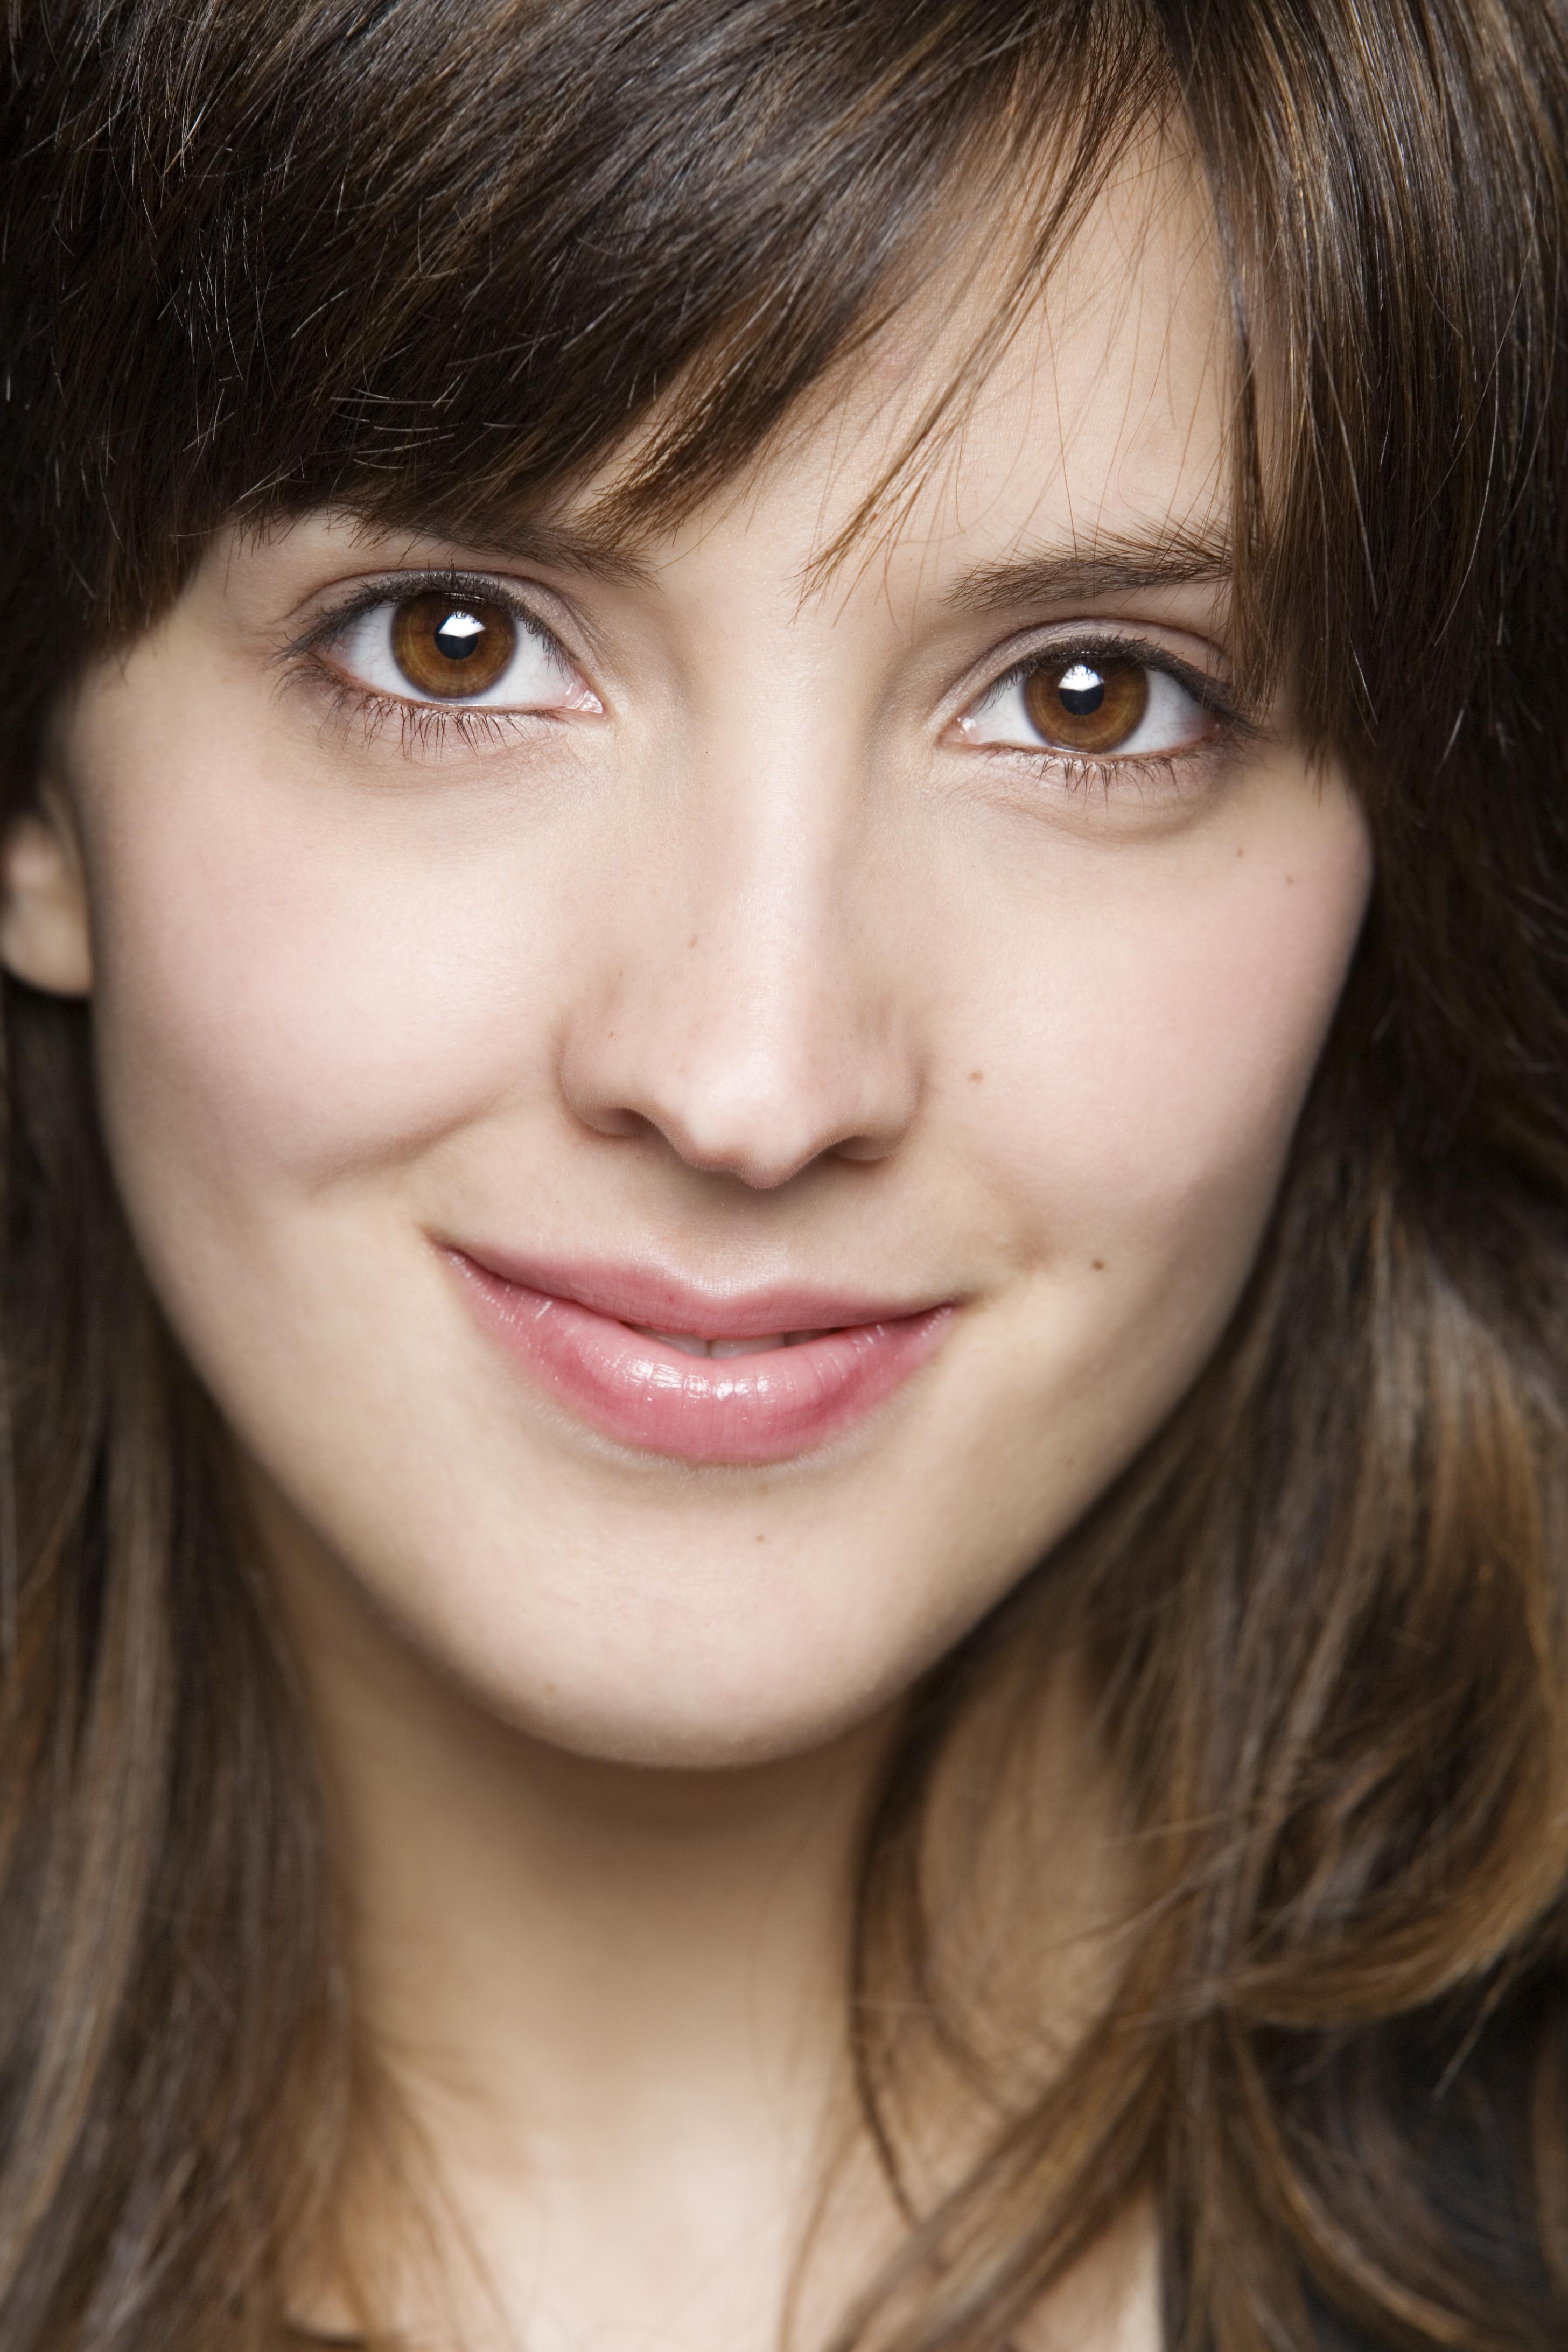 Classify Spanish actress Carolina Lapausa